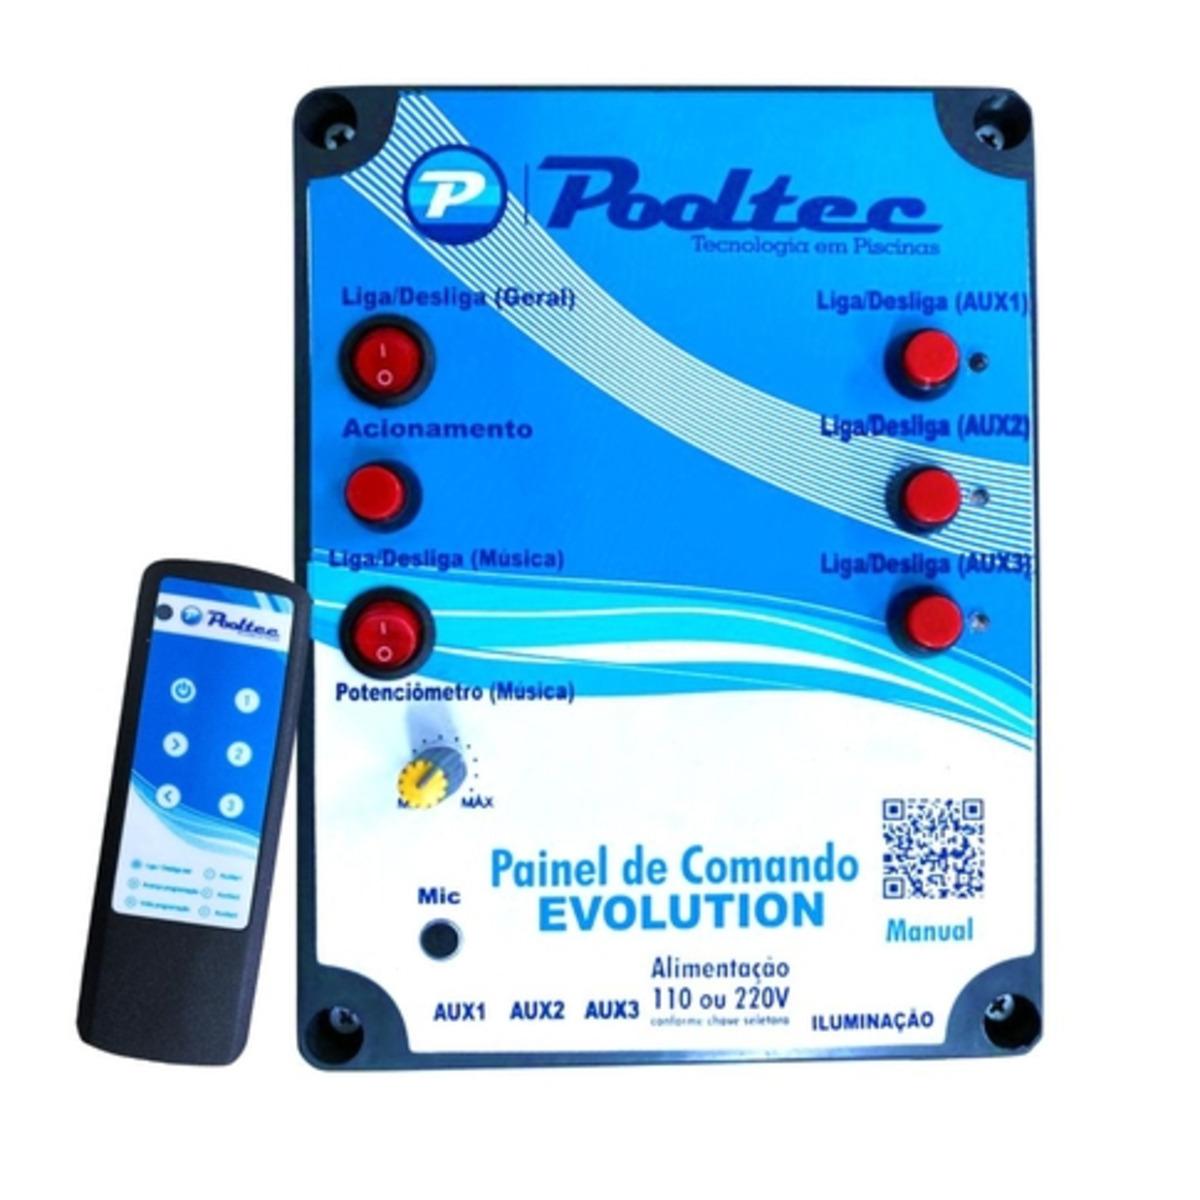 Quadro de Comando Evolution Modelo C para leds de Piscina pooltec